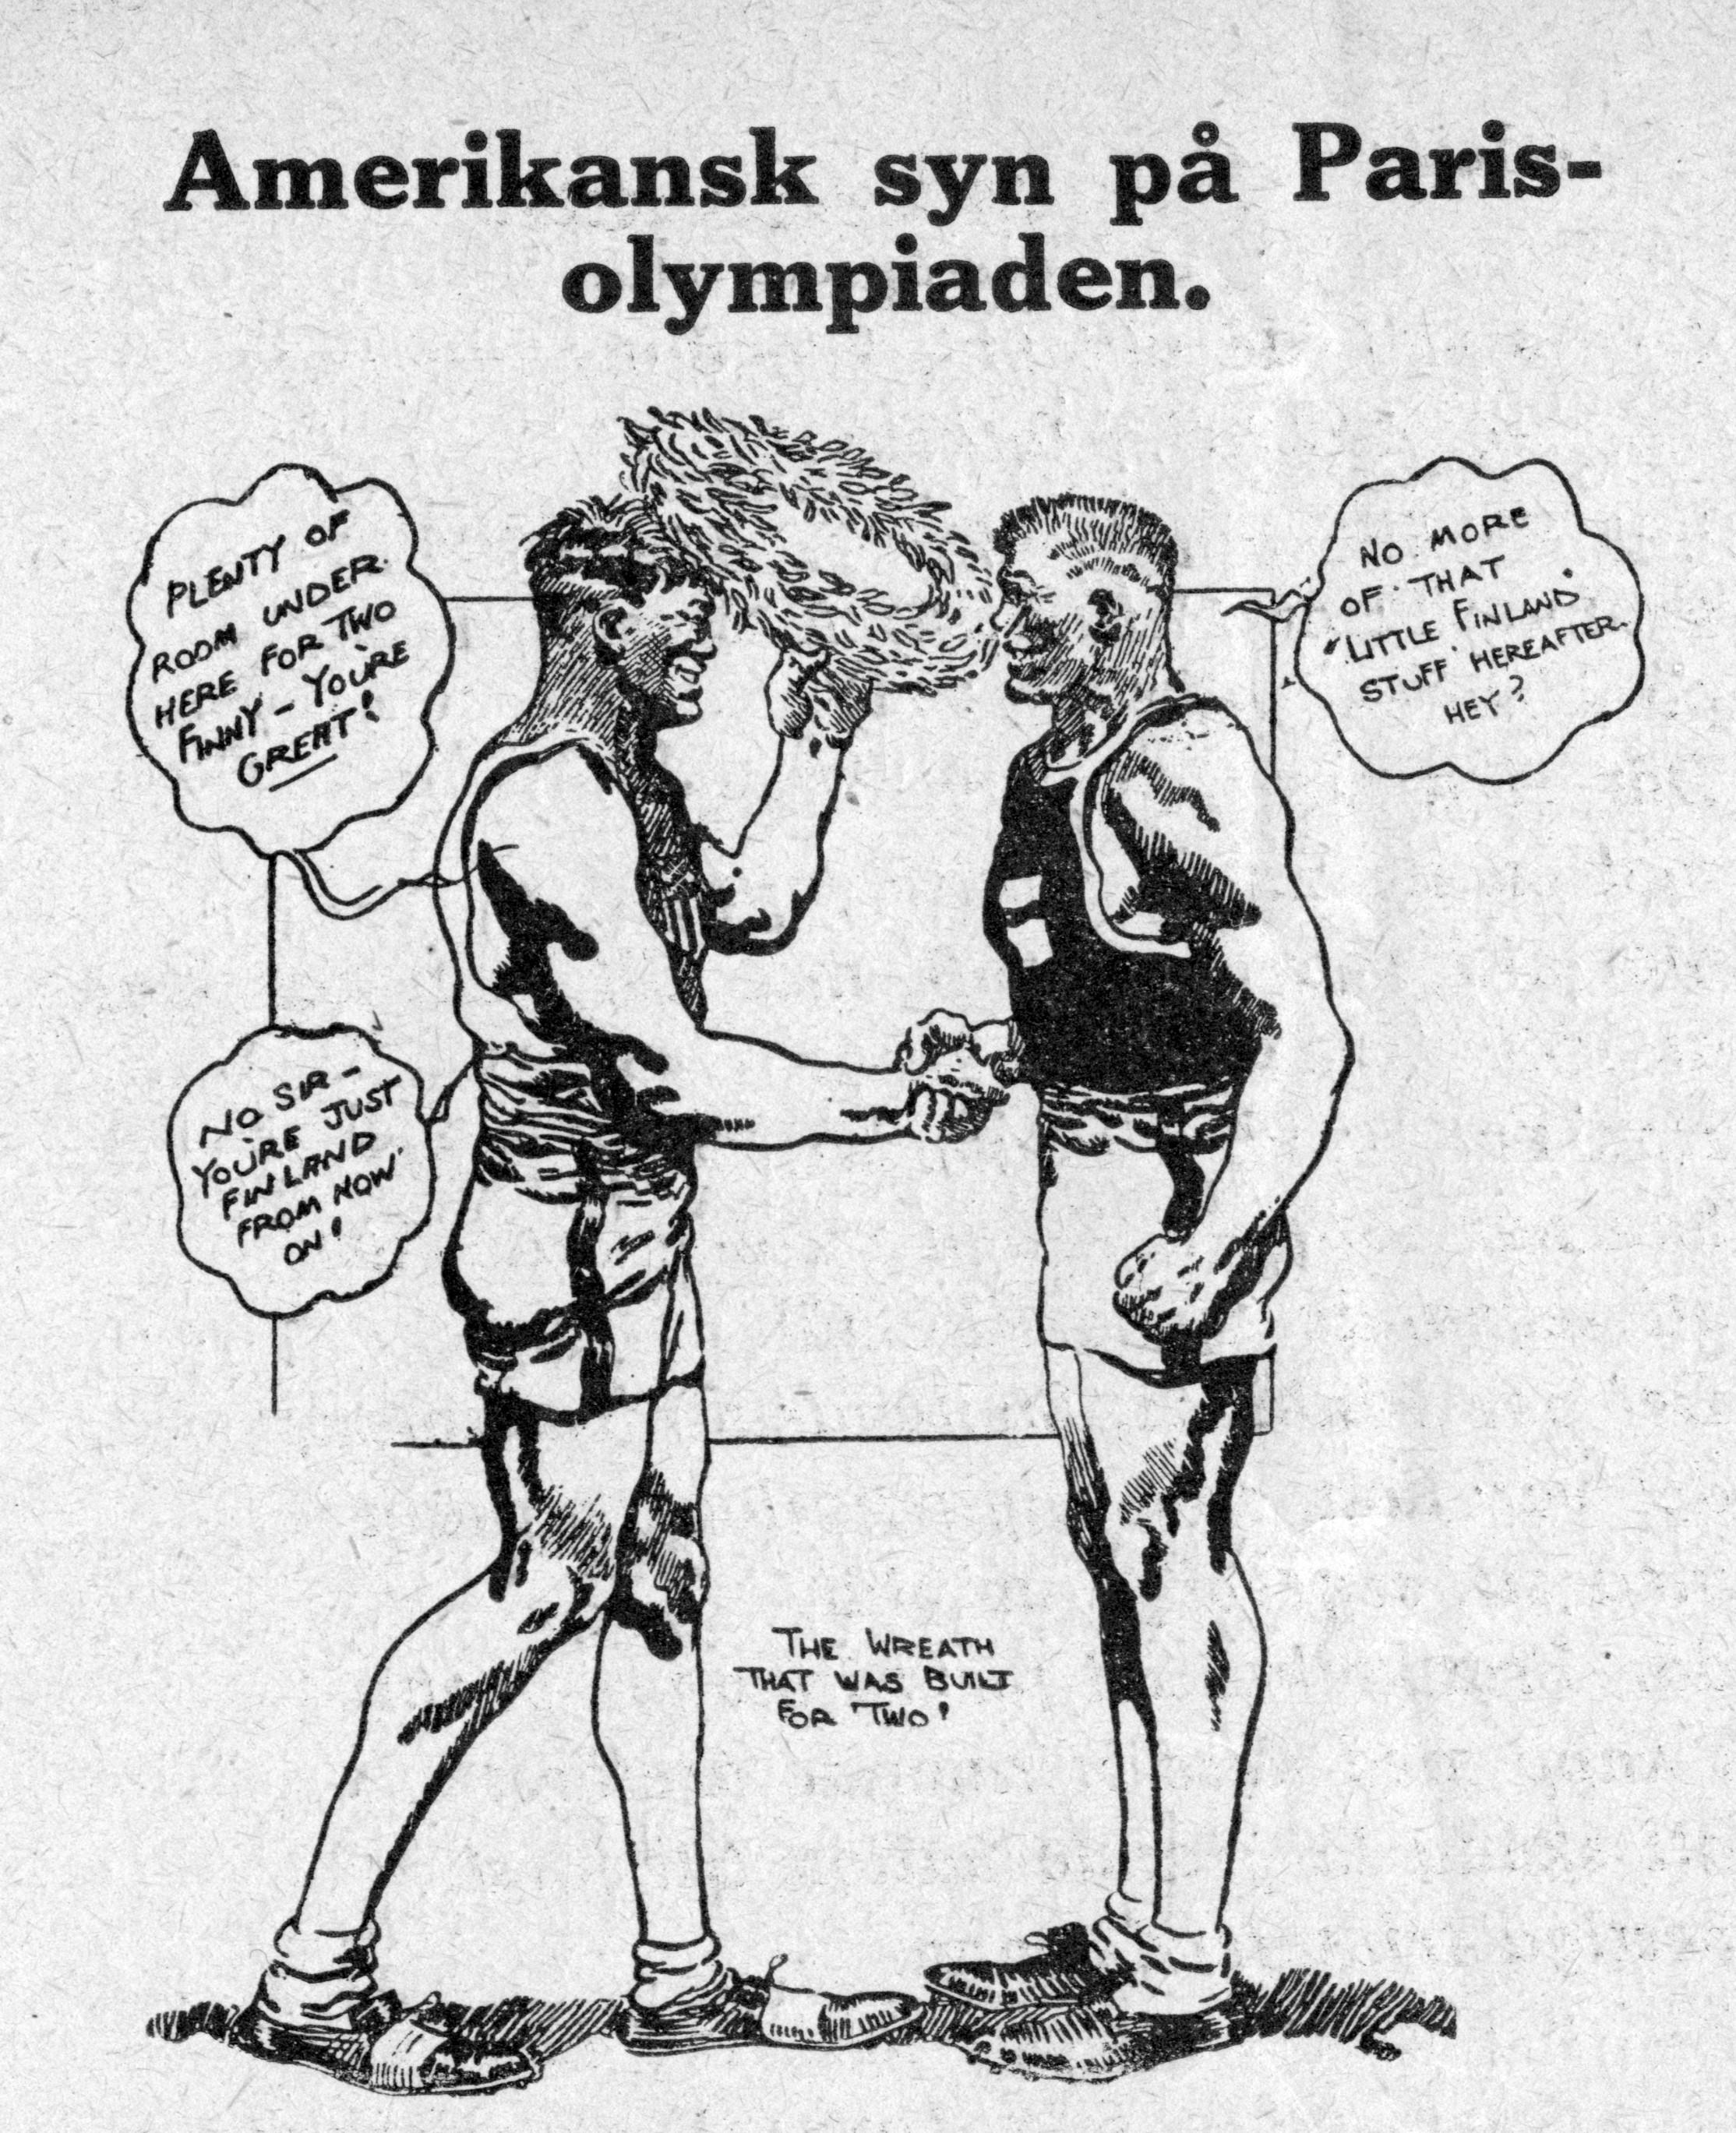 """Sekä Idrottsbladet että Suomen Urheilulehti julkaisivat elokuussa 1924 Yhdysvalloissa ilmestyneen piirroksen, jossa """"suuri Amerikka kättelee suurta Suomea""""."""